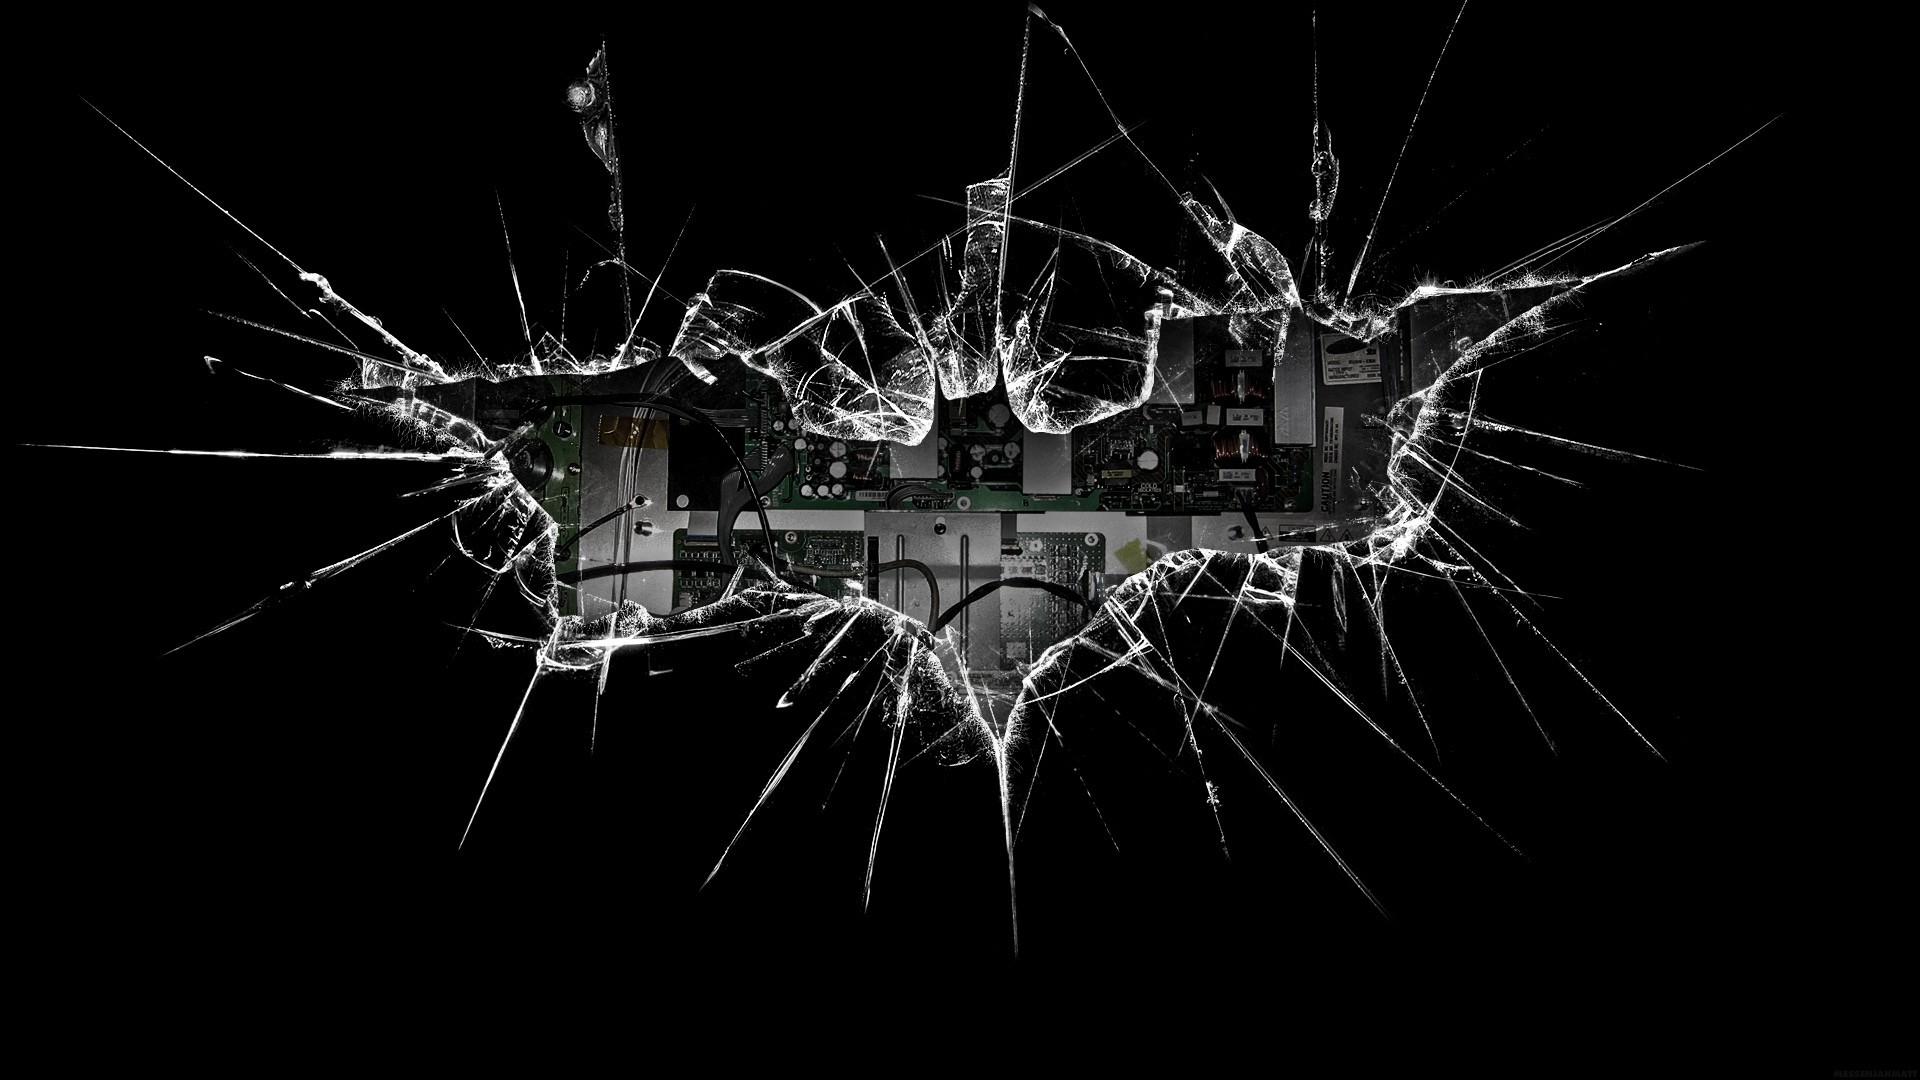 Batman The dark Knight Risis - Top 10 HD Dark Knight Rises Movie ...